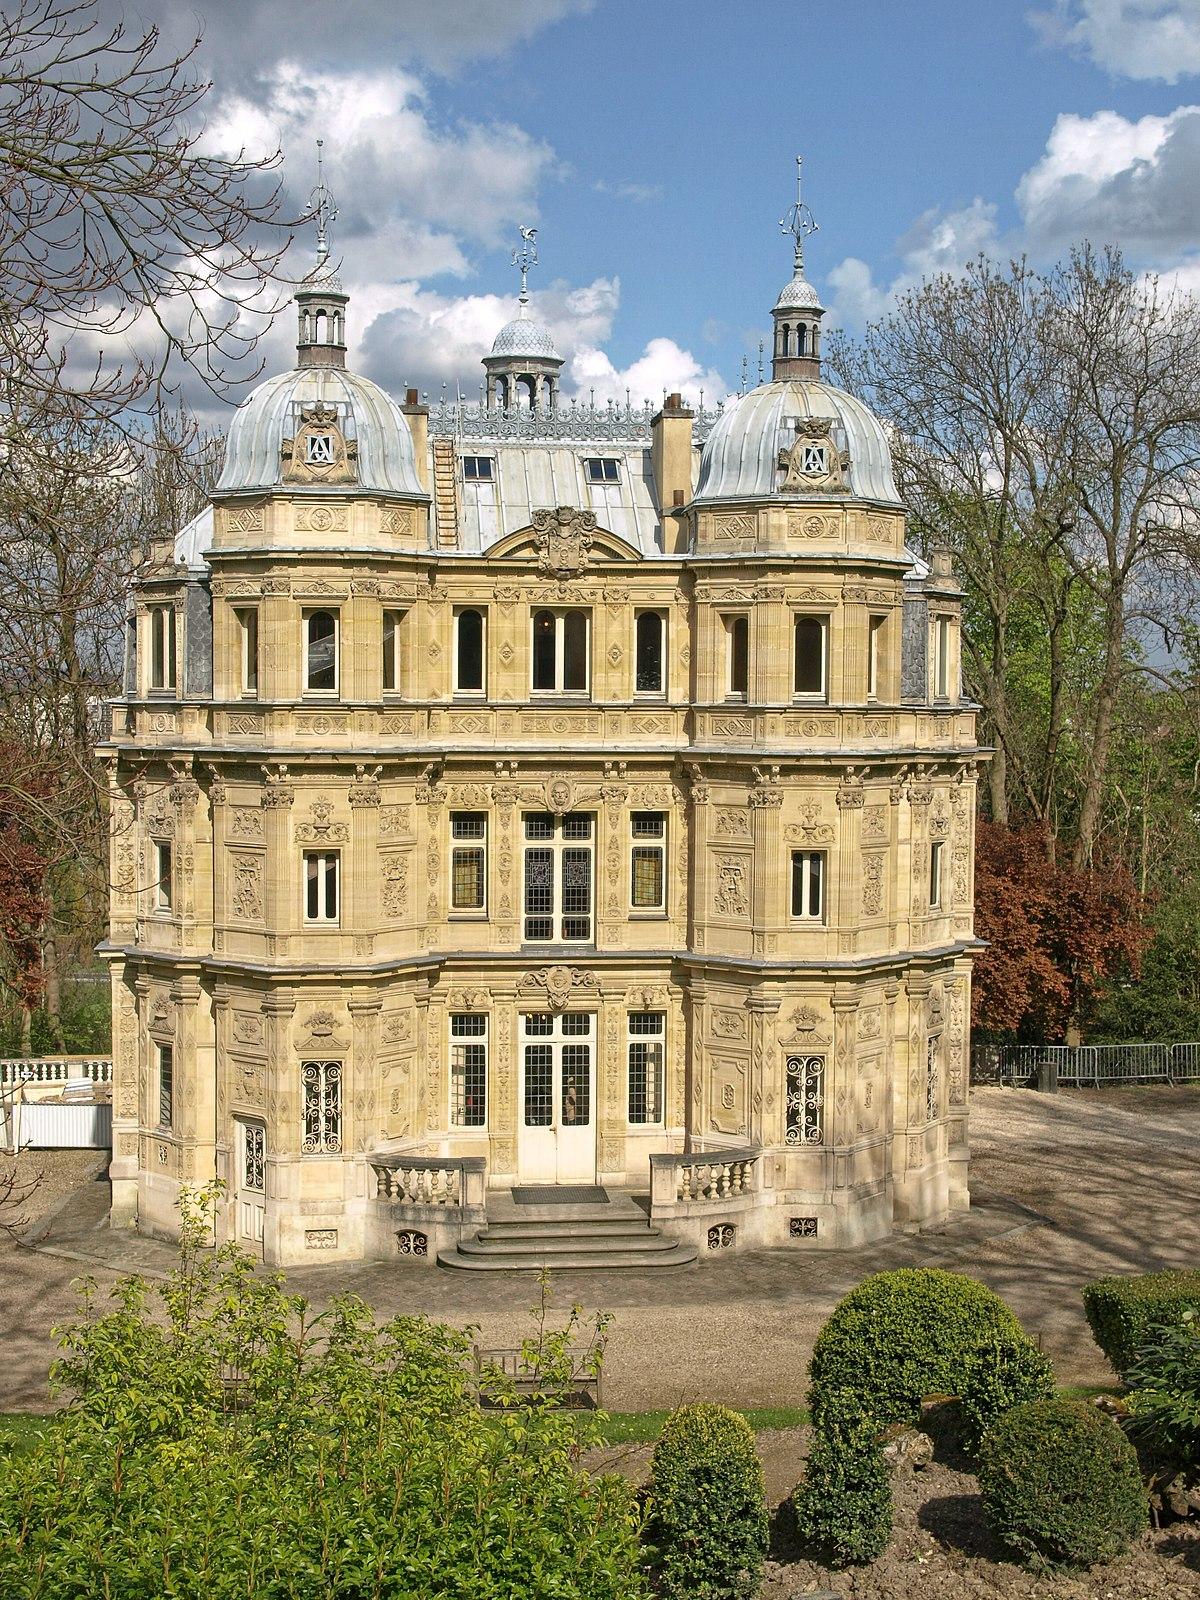 Inspirant Image à Colorier Chateau